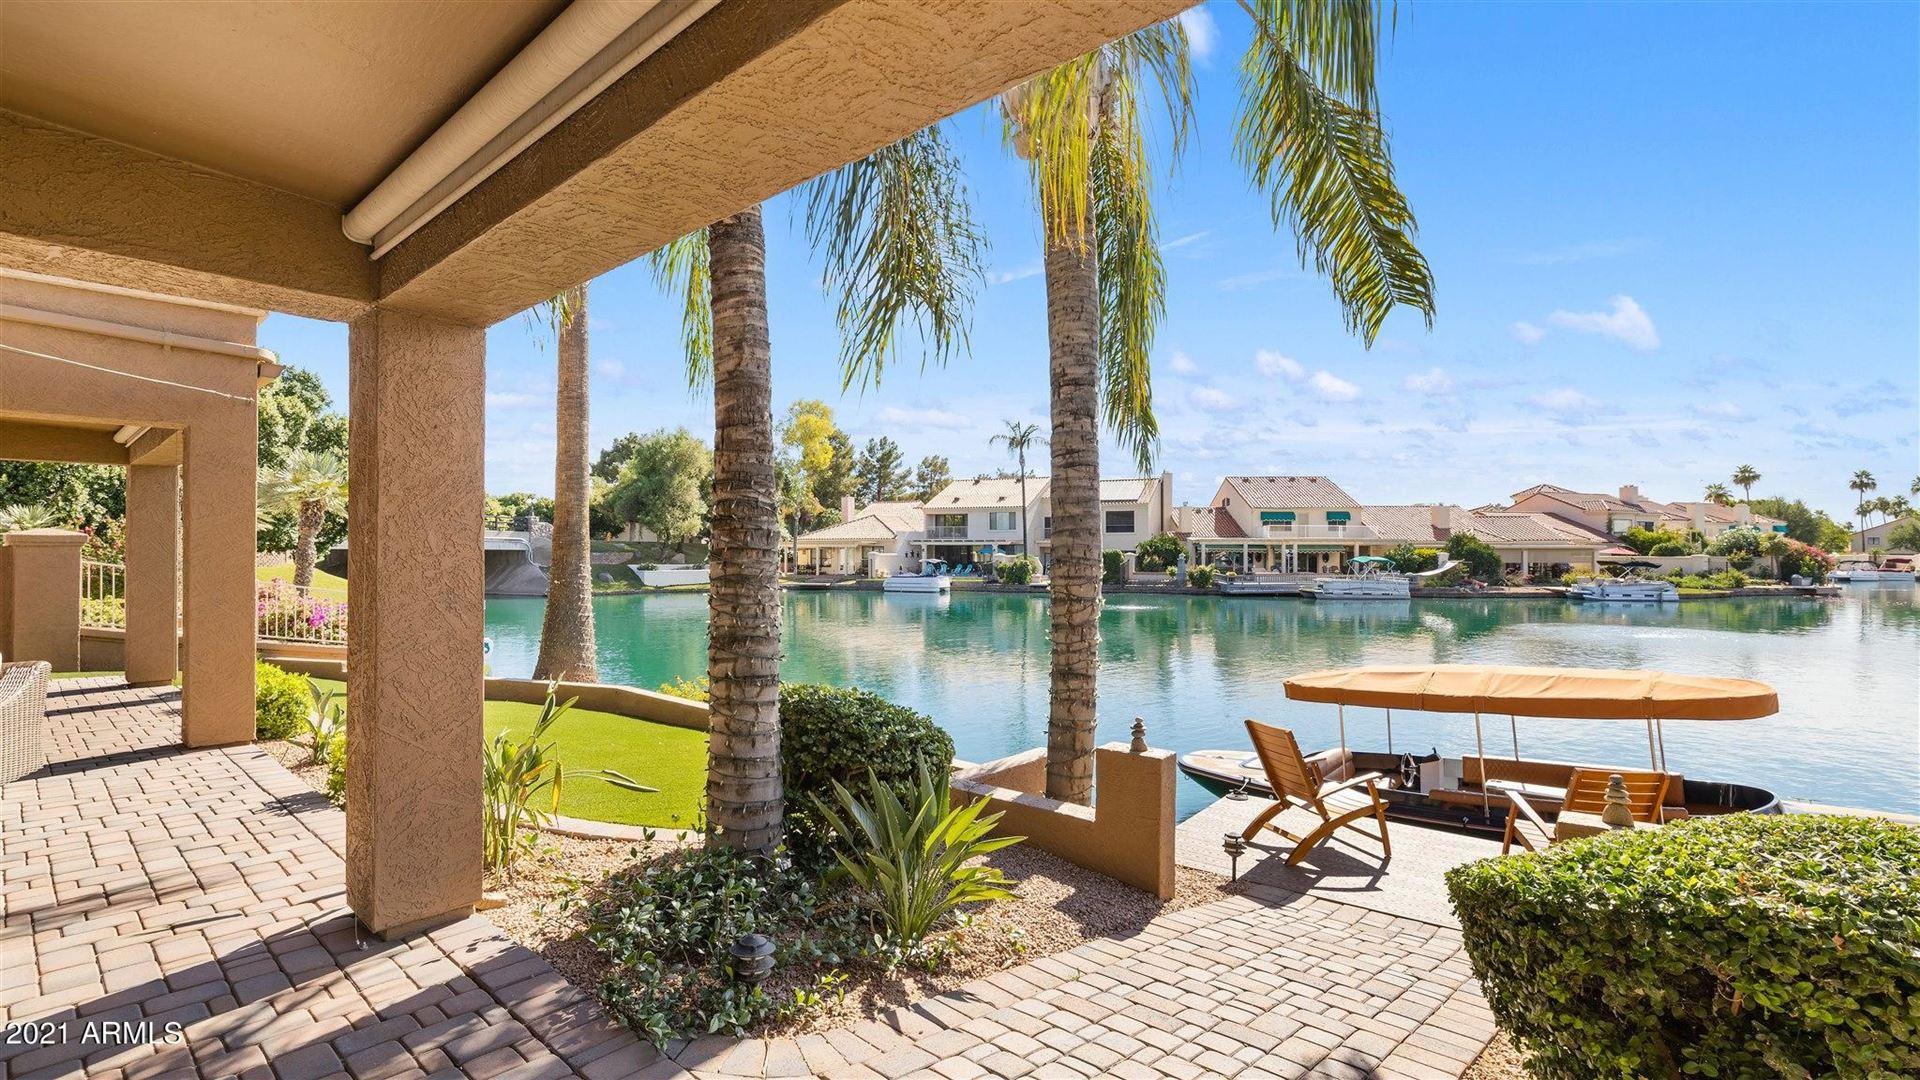 Photo of 1808 E CASCADE Drive, Gilbert, AZ 85234 (MLS # 6249185)